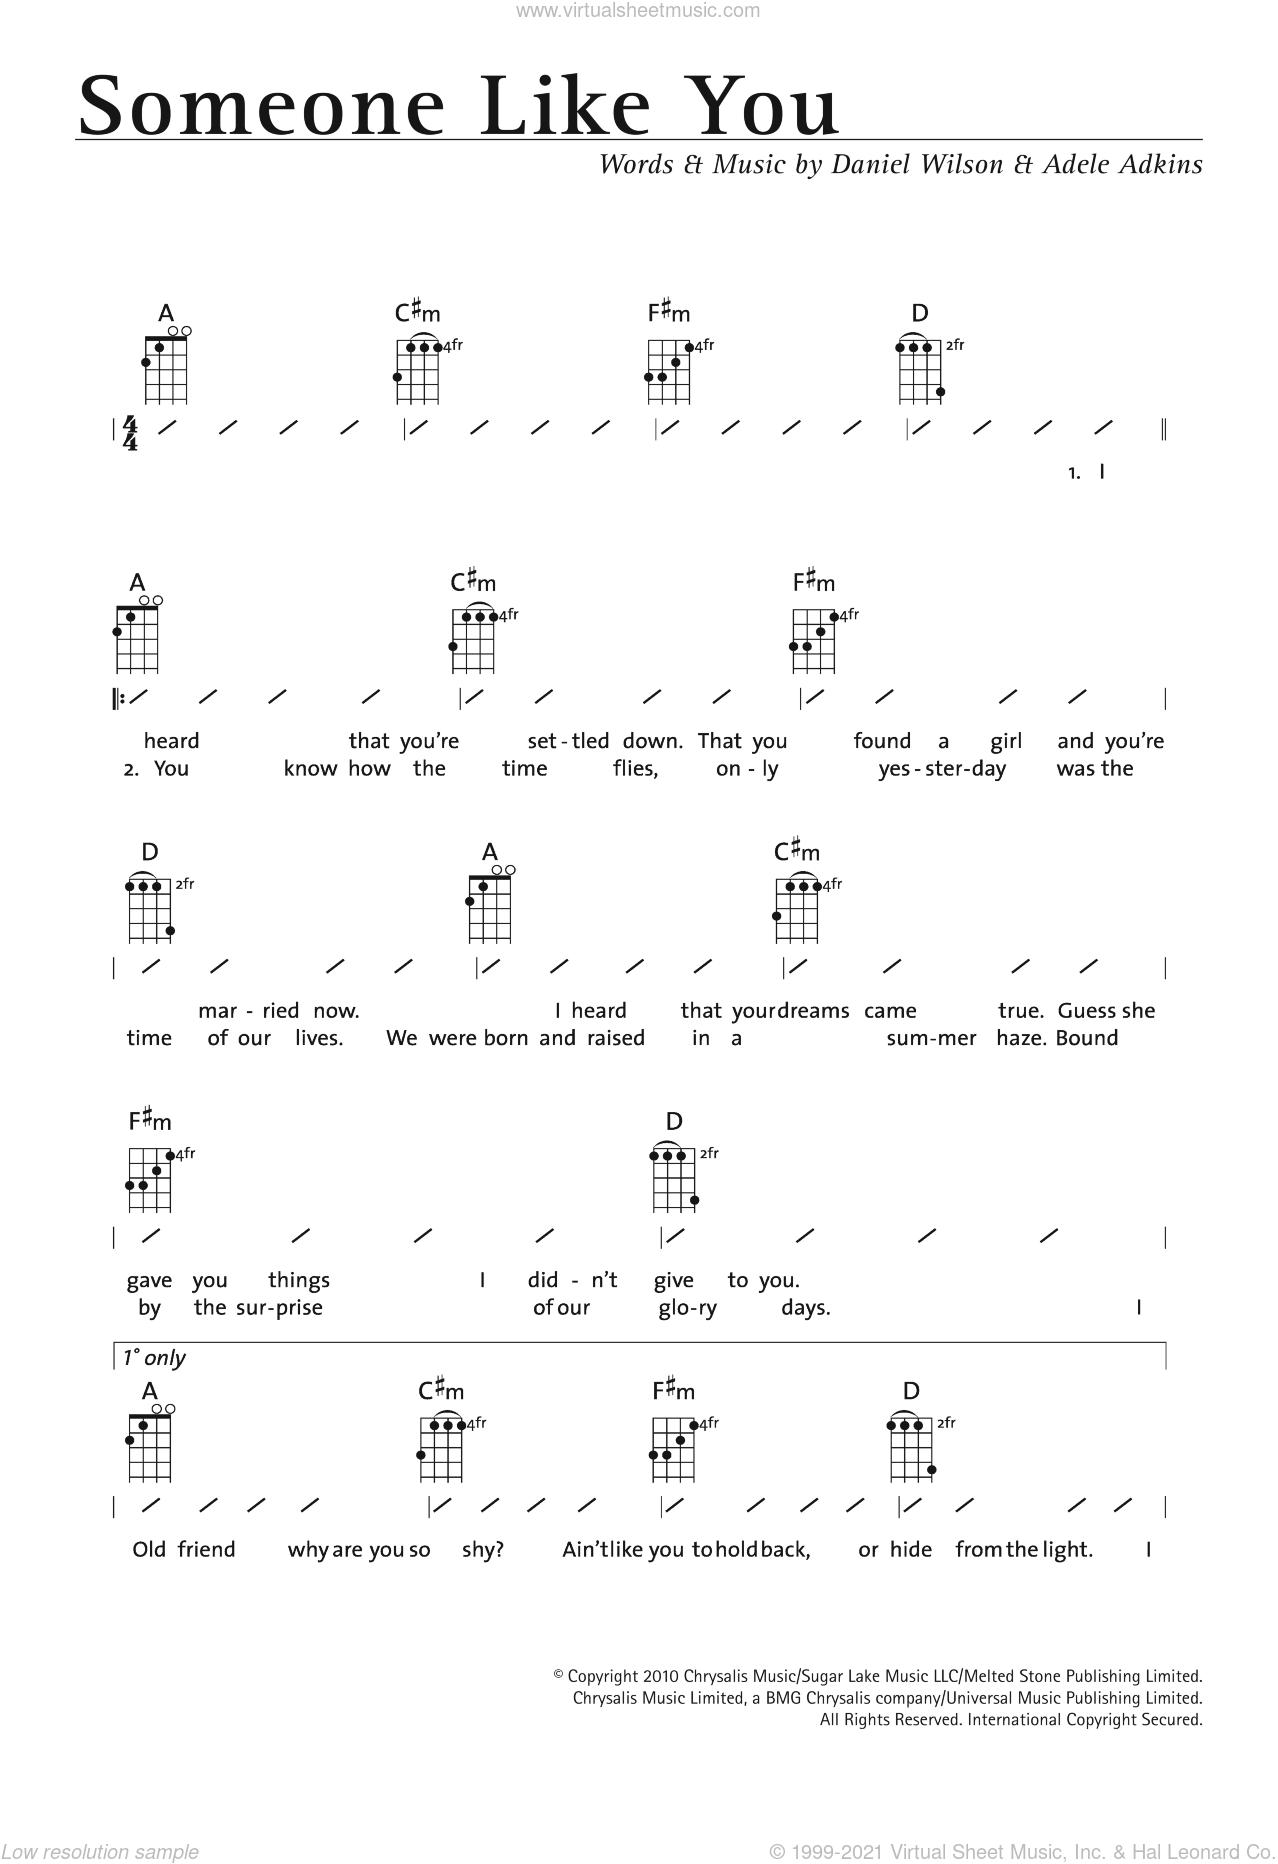 Adele - Someone Like You sheet music for ukulele (chords) [PDF]